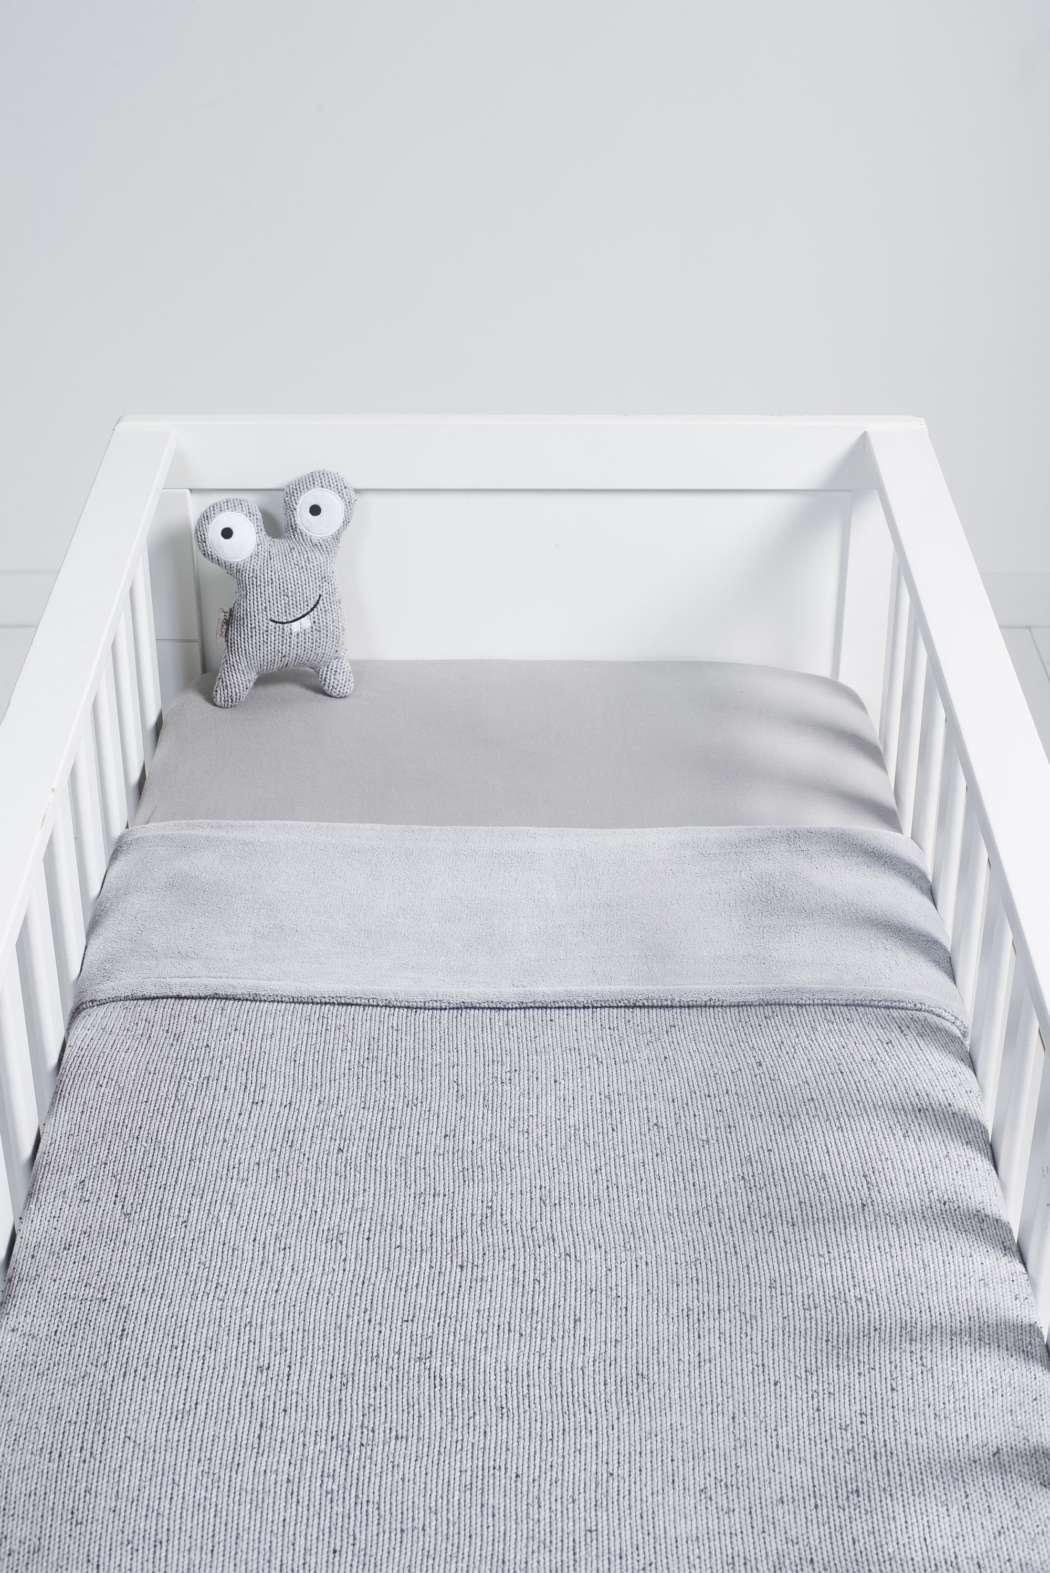 Deken_75x100cm_Confetti_knit_grey_coral_fleece_Bedje_Confetti_monster